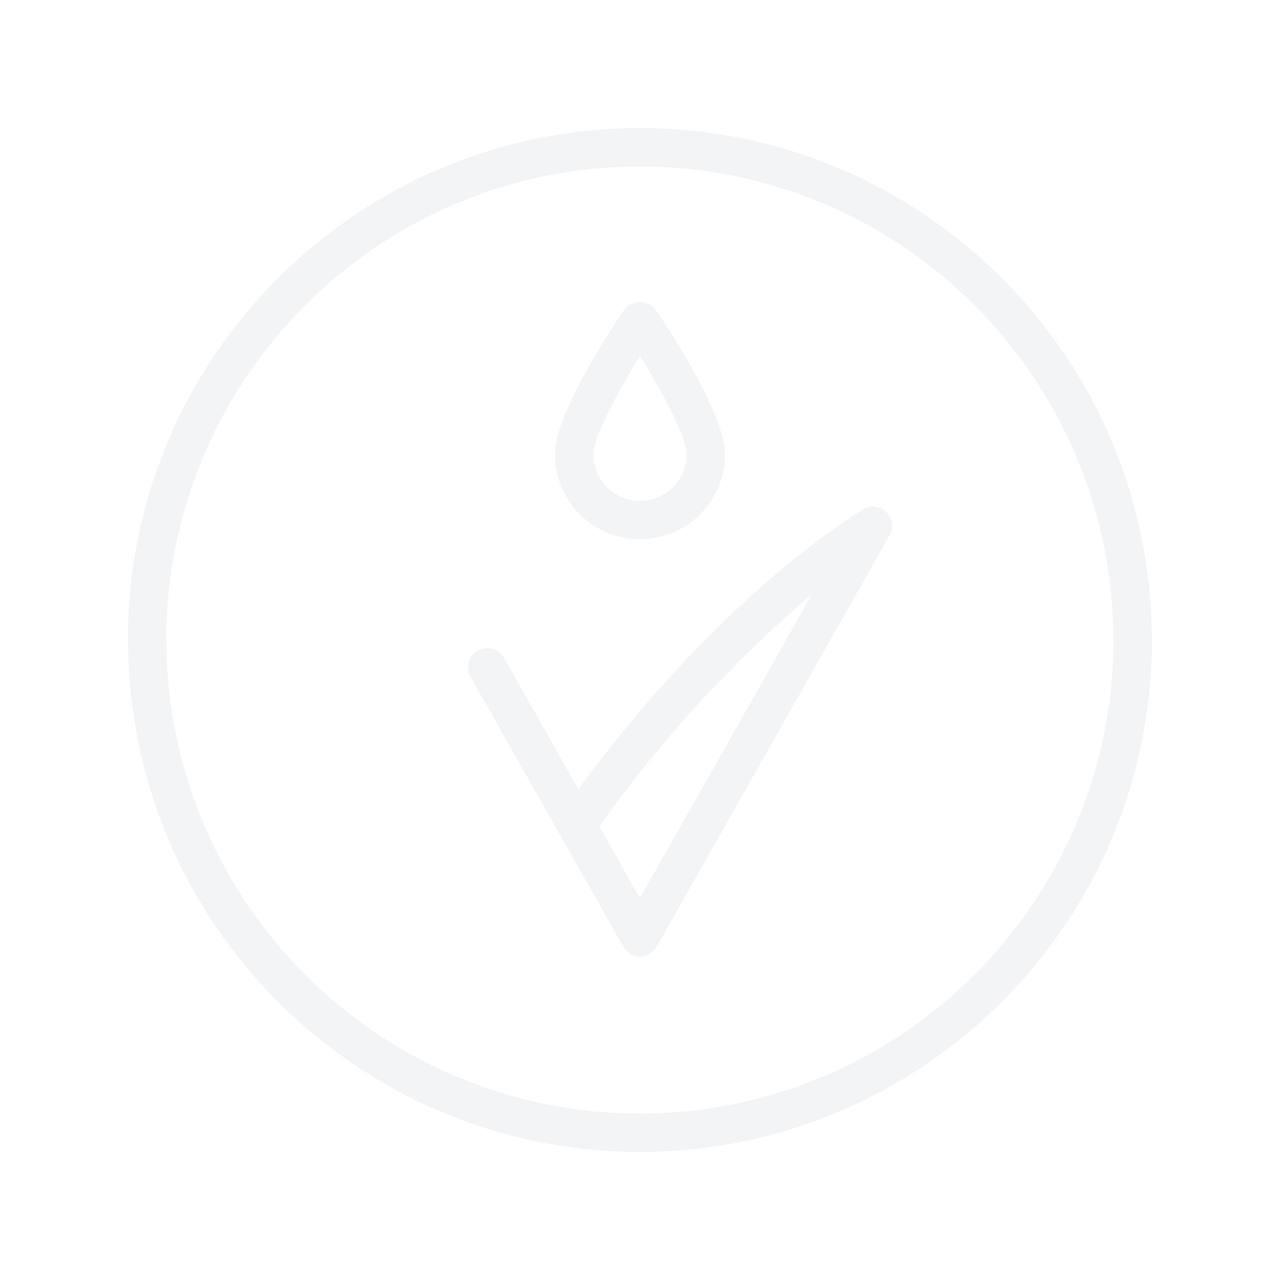 GIORGIO ARMANI Acqua Di Gio Profumo Deodorant Stick 75g дезорорант для тела